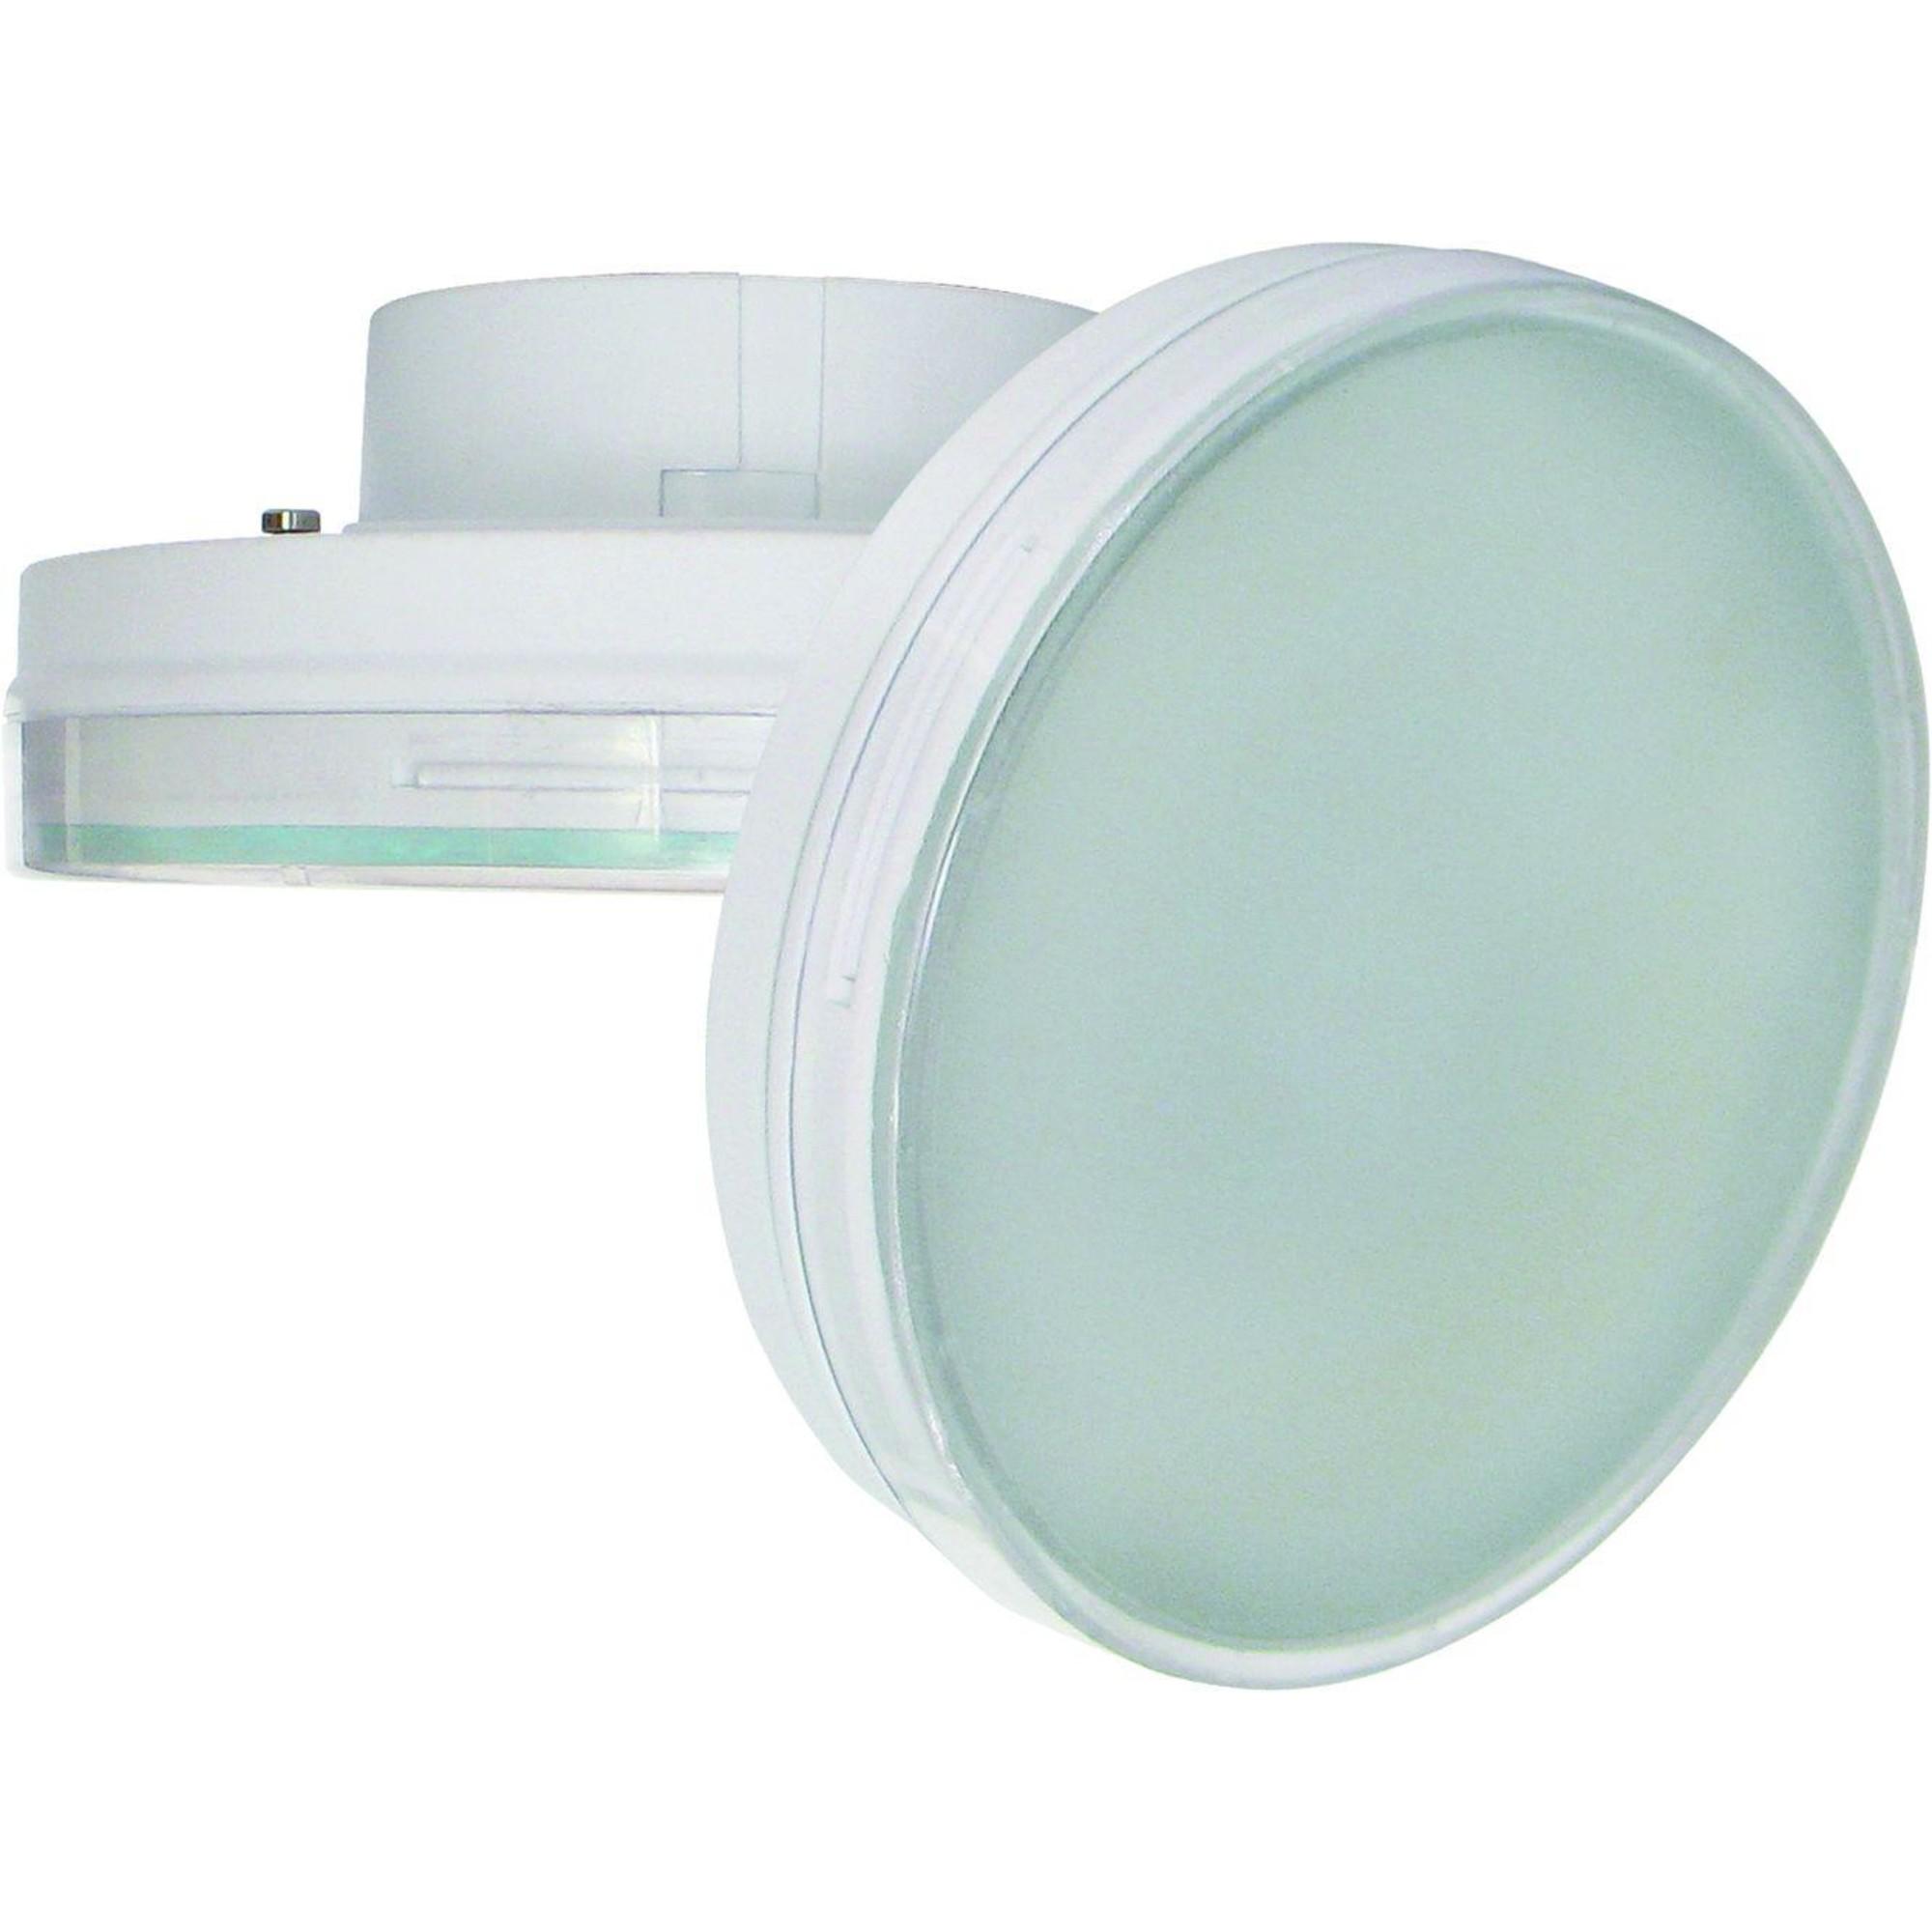 Лампа Ecola Premium светодионая GX70 20 Вт таблетка 1800 Лм холодный свет